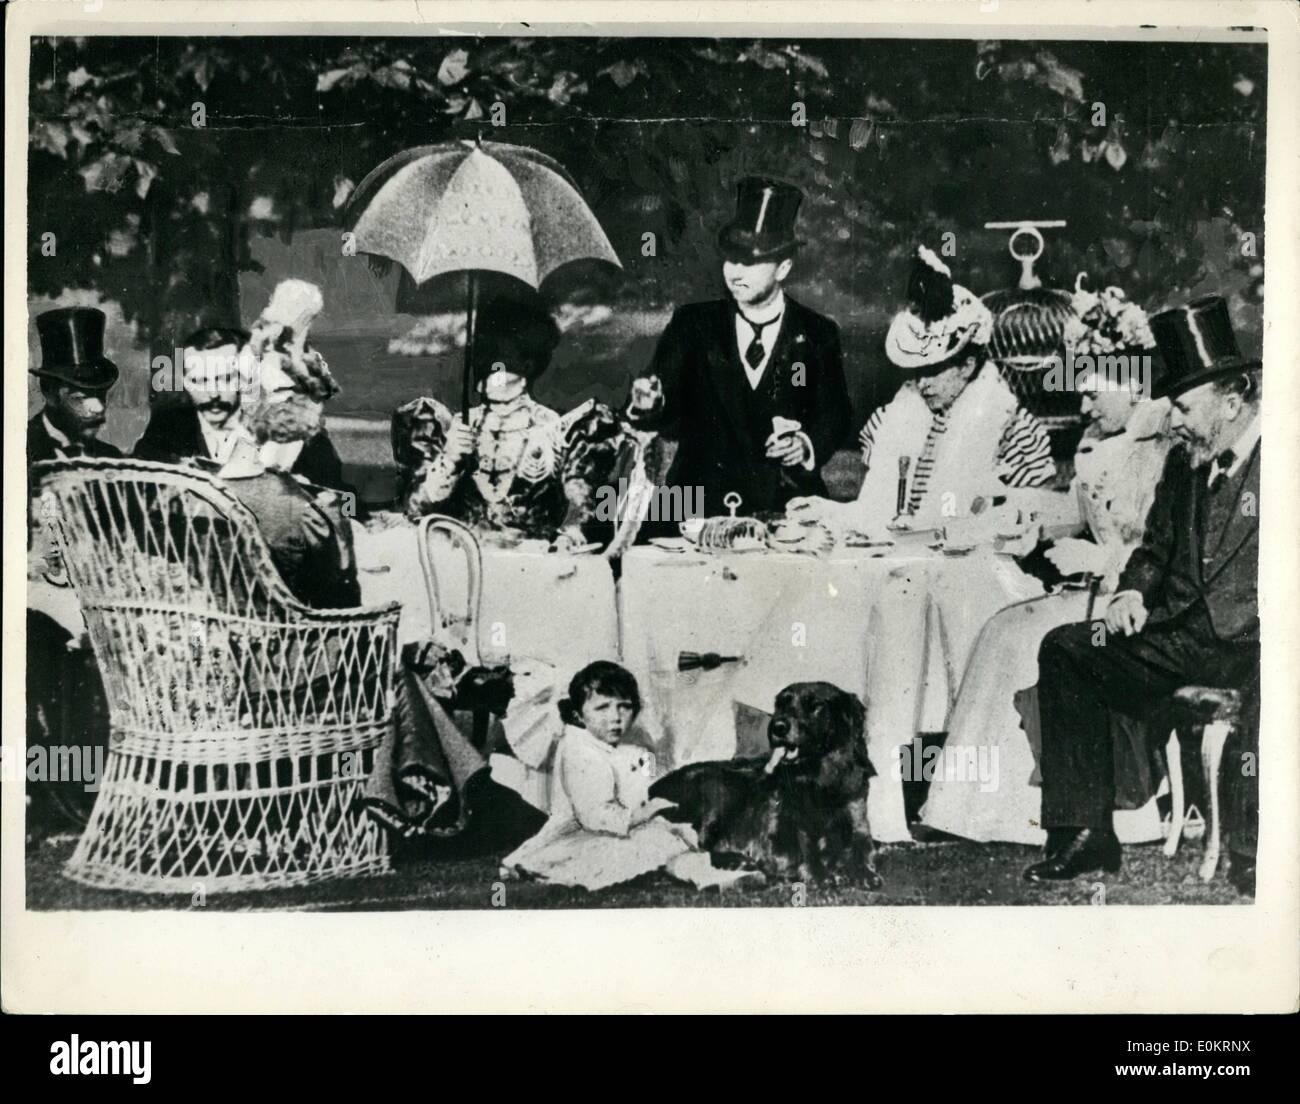 6. Juni 1949 - Ewsreel von der '' der 90er Jahre (3 zukünftige Könige waren dort) findet sich in einem alten Dachboden: dieses Bild stammt von einer der 300 Rollen Film fand letzte Woche, nachdem sie seit 51 Jahren auf einem alten Dachboden Couramt Zeitungsbüro in den Haag gelegen hatte. Es zeigt eine Gartenparty von 1890 im Buckingham Palace. Und es wurde von den weltweit ersten Wochenschau Kameramann fotografiert. Er, es wird vermutet, war ein Amerikaner, ein Amerikaner Dachgeschoss in der Zeitungsredaktion weitergeleitet und als Kino genutzt. Das Kino ist fehlgeschlagen, die '' unleserliche '' Miete. Sie sind den einzige bekannten Film von Papst Leo XIII. Stockbild